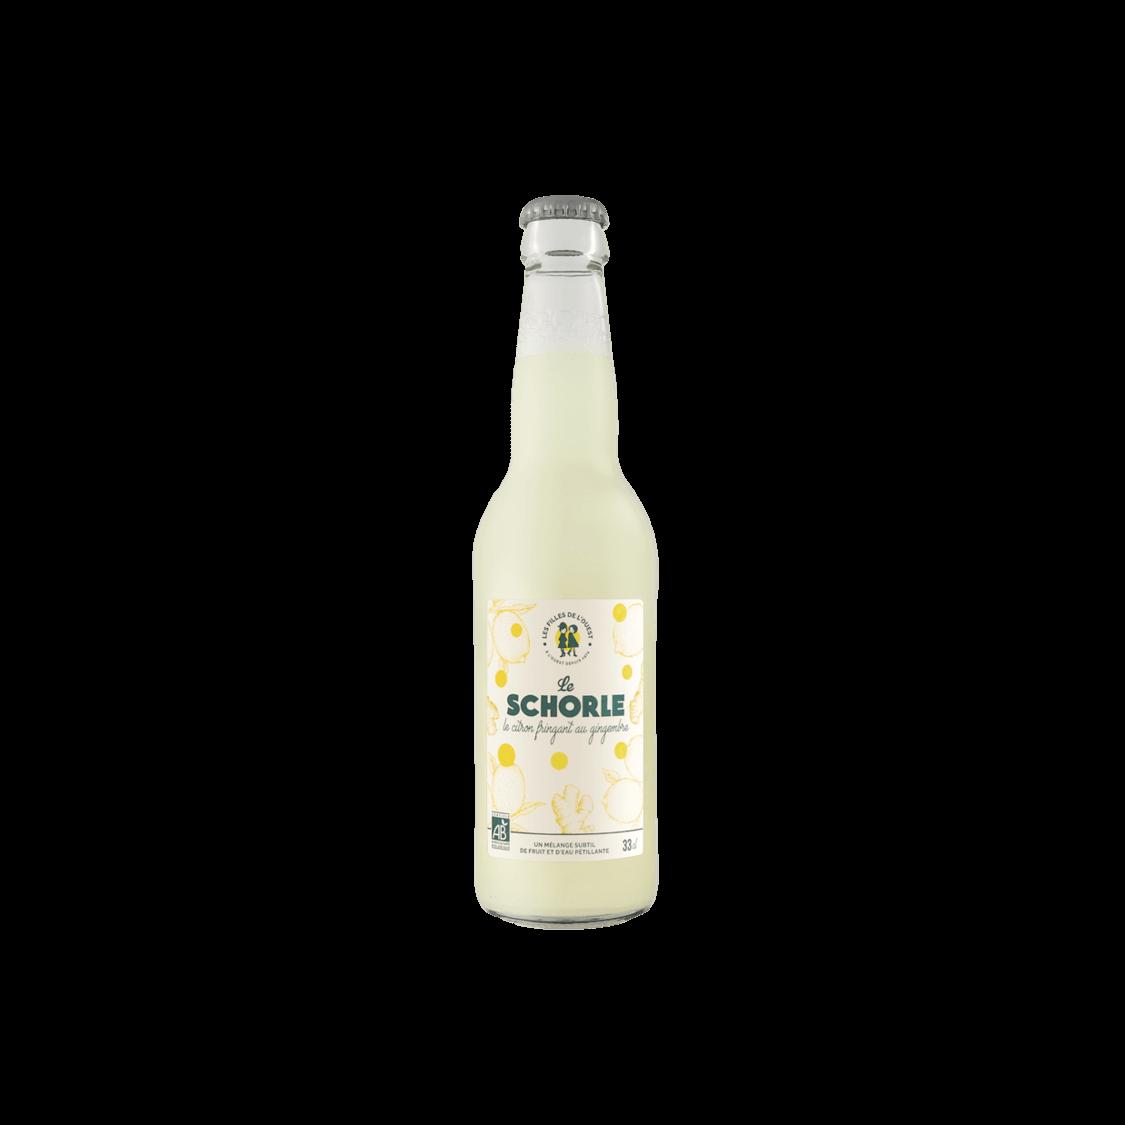 img-les-filles-ouest-limonade-le-schorle-citron-gingembre-fringant-bio-33cl